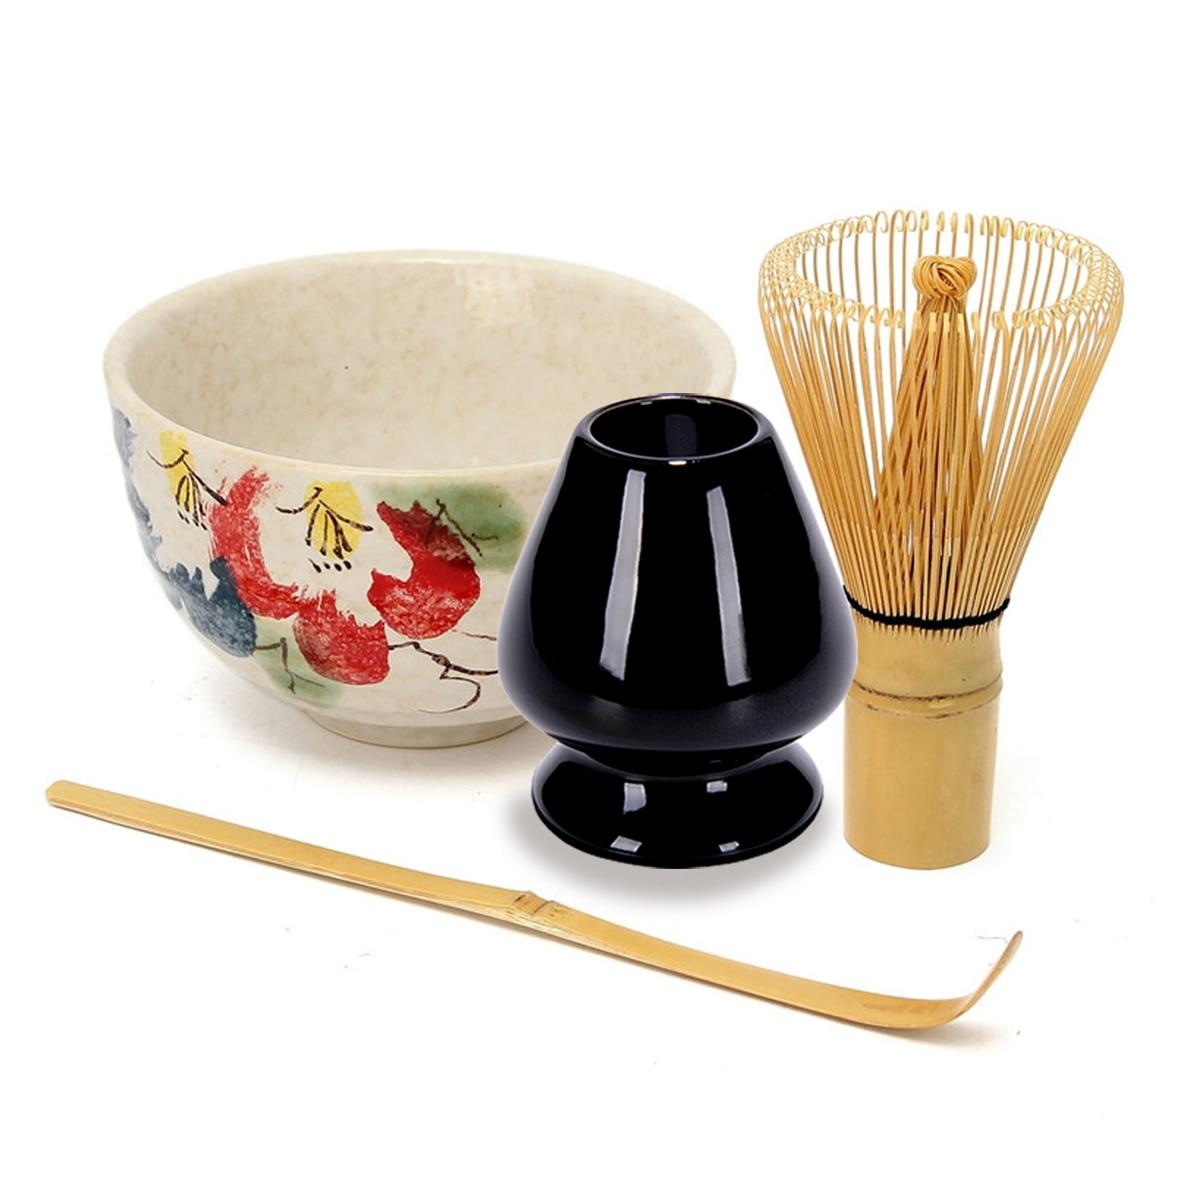 4 pçs/set Serviço de Chá de Bambu Natural Matcha Chá Verde Em Pó Whisk Colher Tigela de Cerâmica Conjunto Teaware Japonês Cerimônia